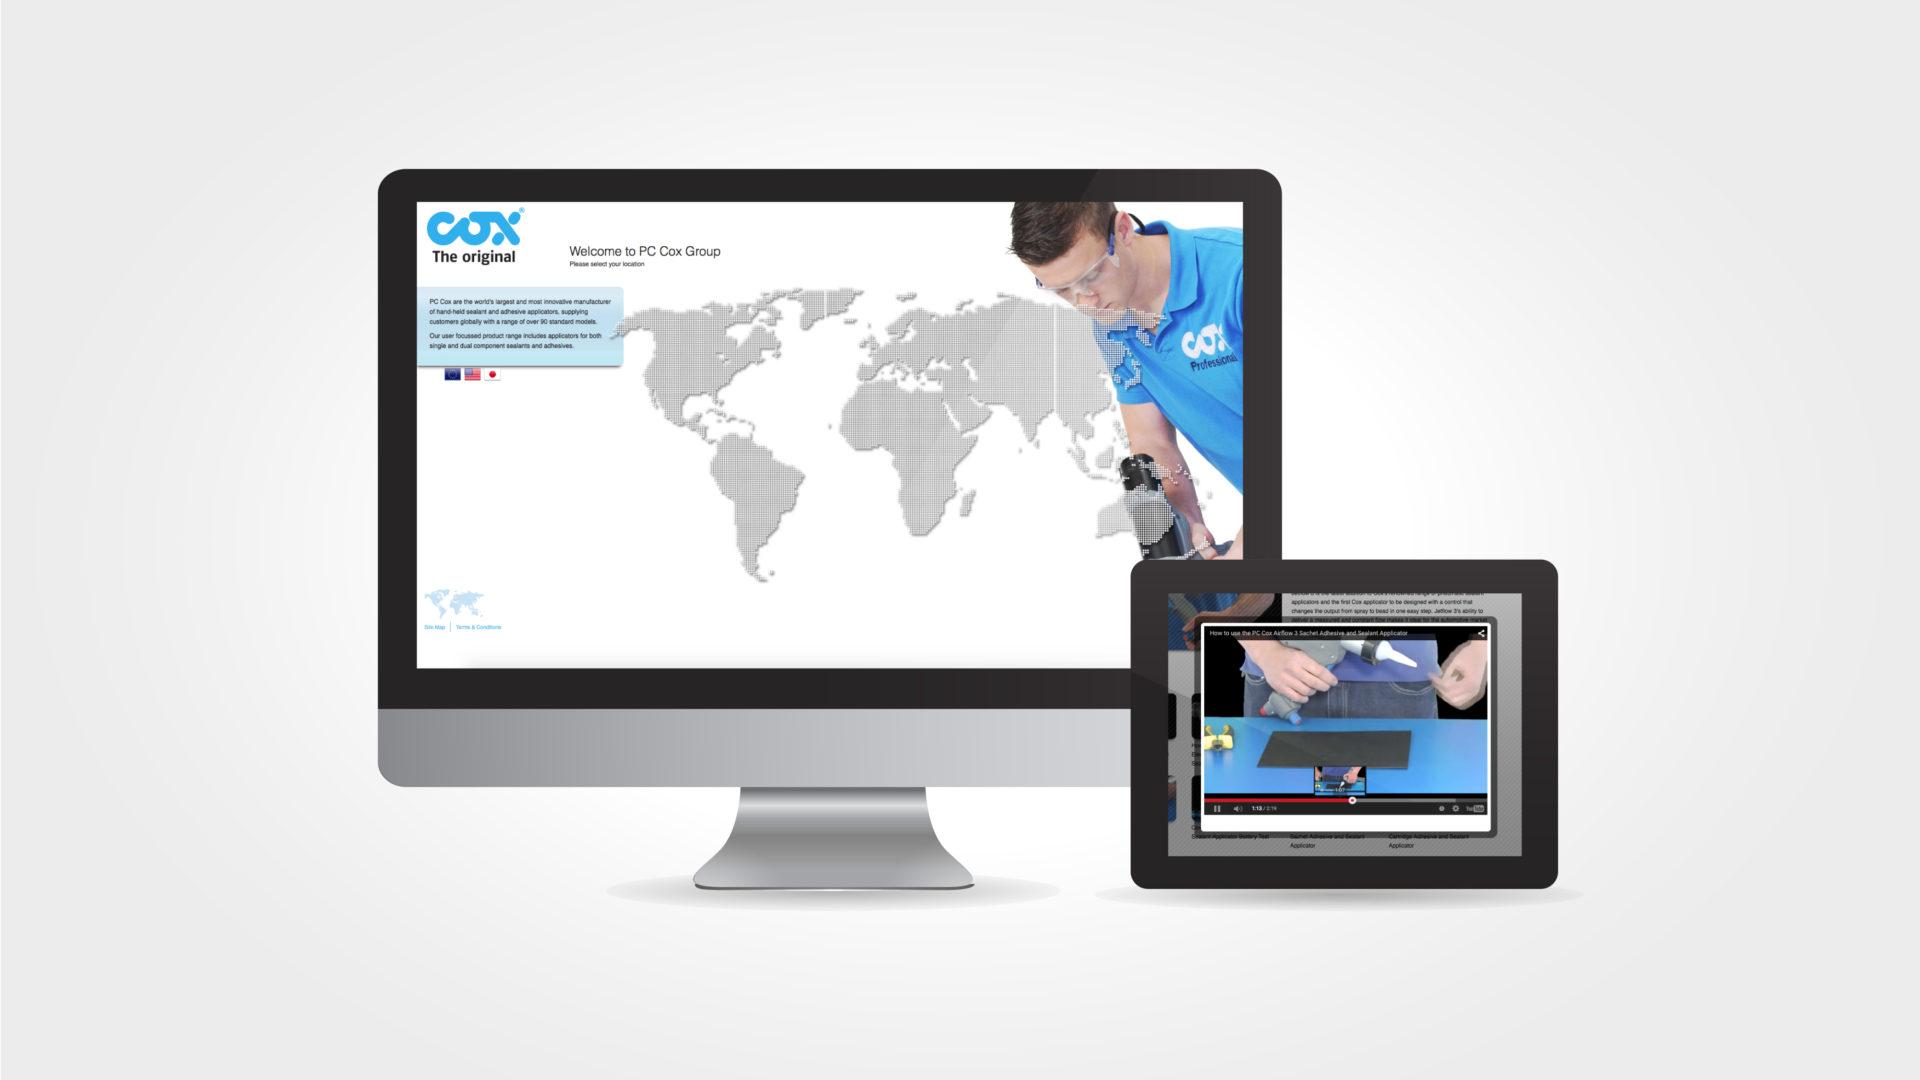 pc cox website design